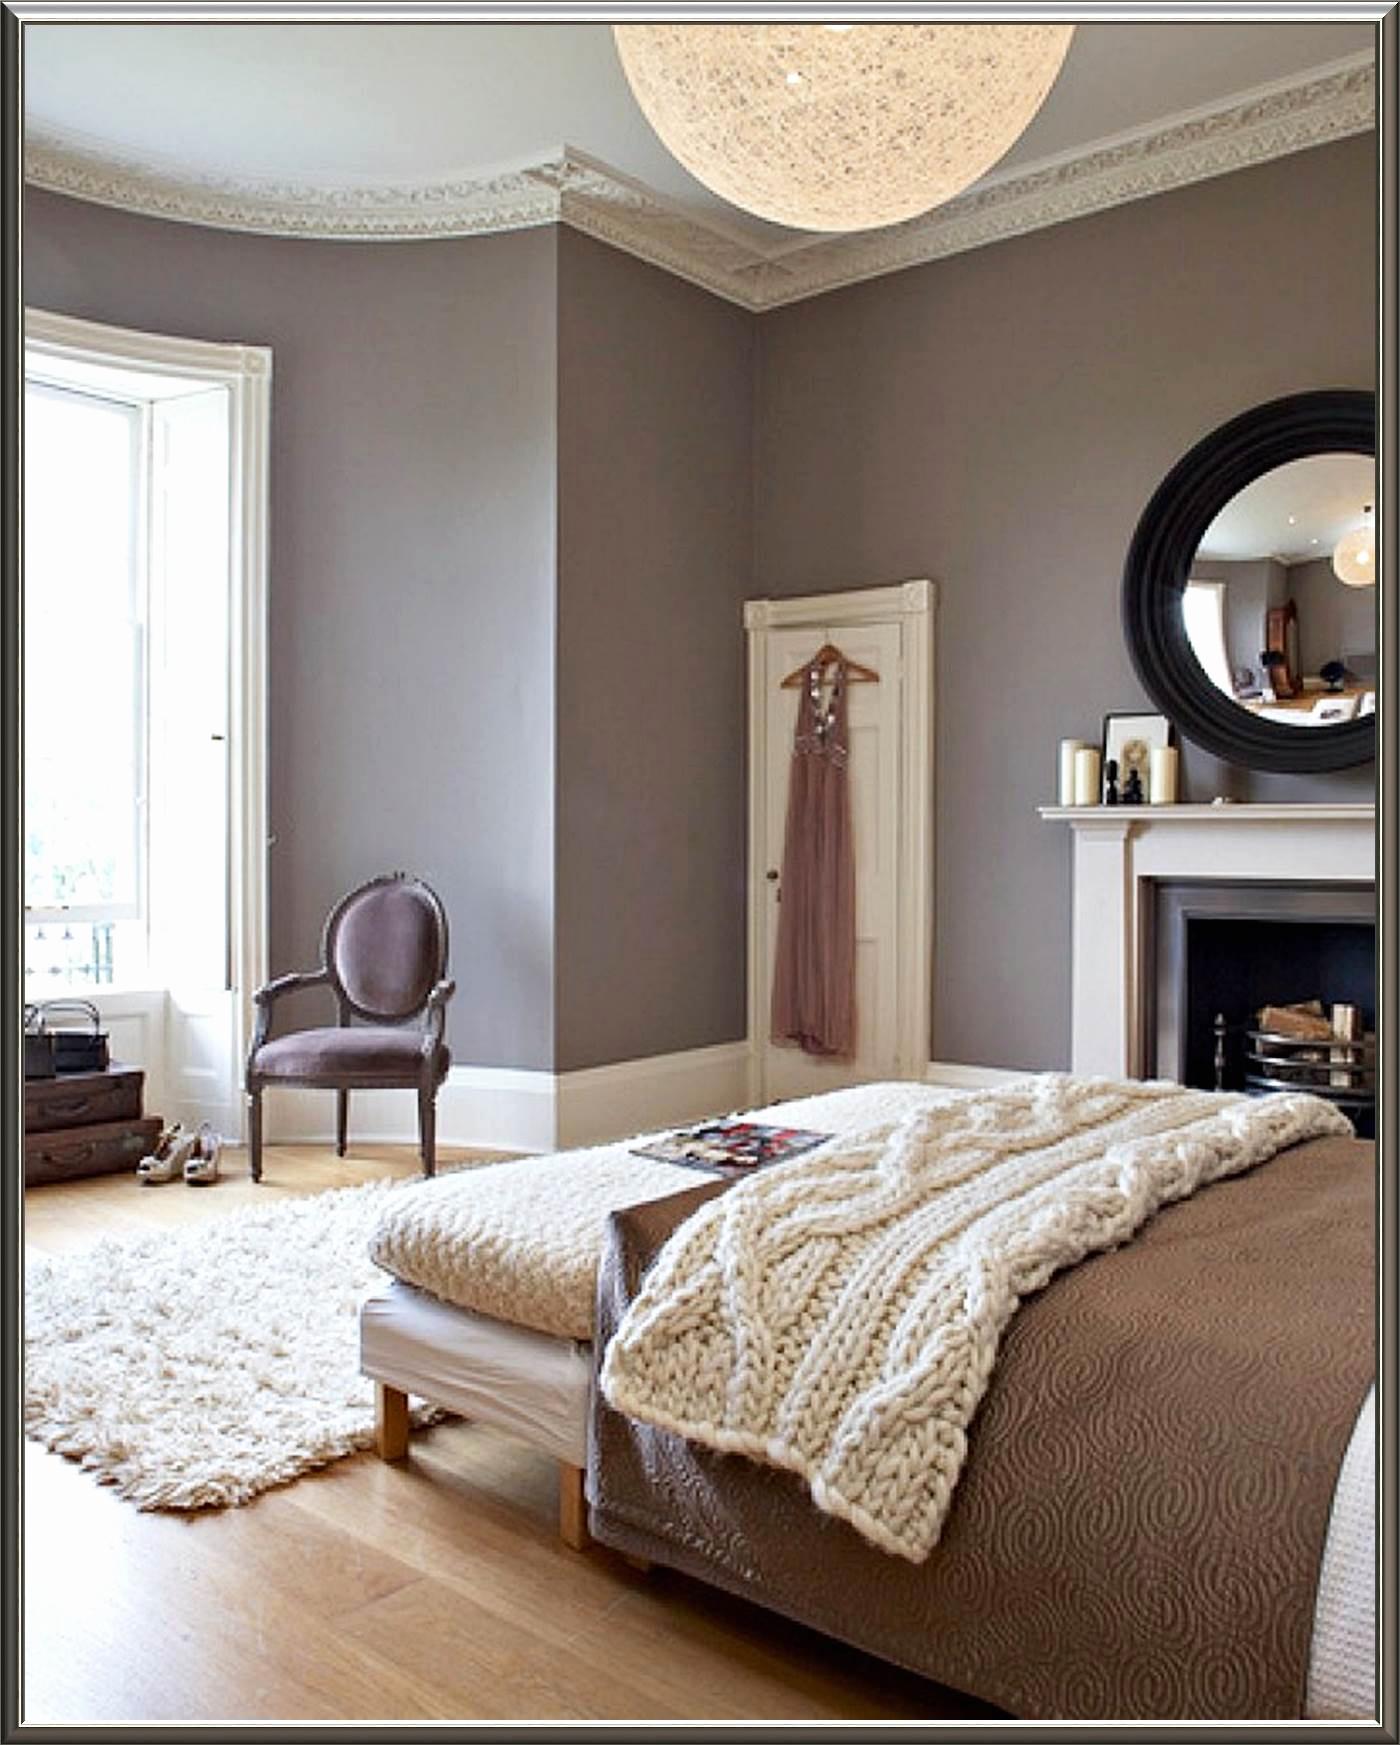 wandfarben ideen streifen mit schlafzimmer wandgestaltung farbe 67 und grosartig wandfarbe ideen streifen schon schonsten schlafzimmer farben mit neu wandfarben trends of grosartig wandfarbe ideen str